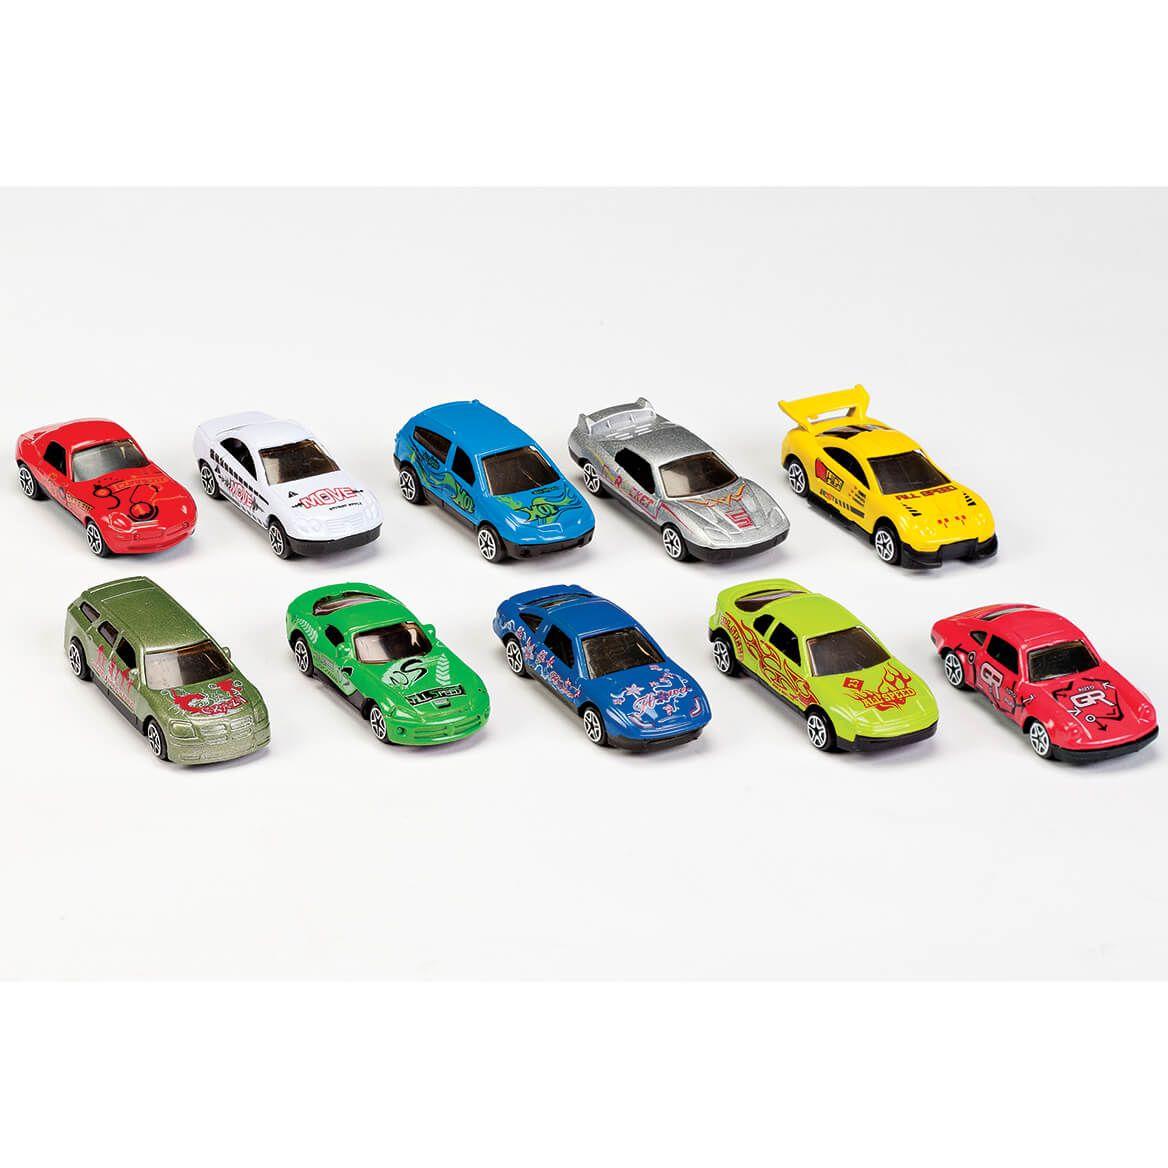 Toy Car Floor Mat and Car Set-310186